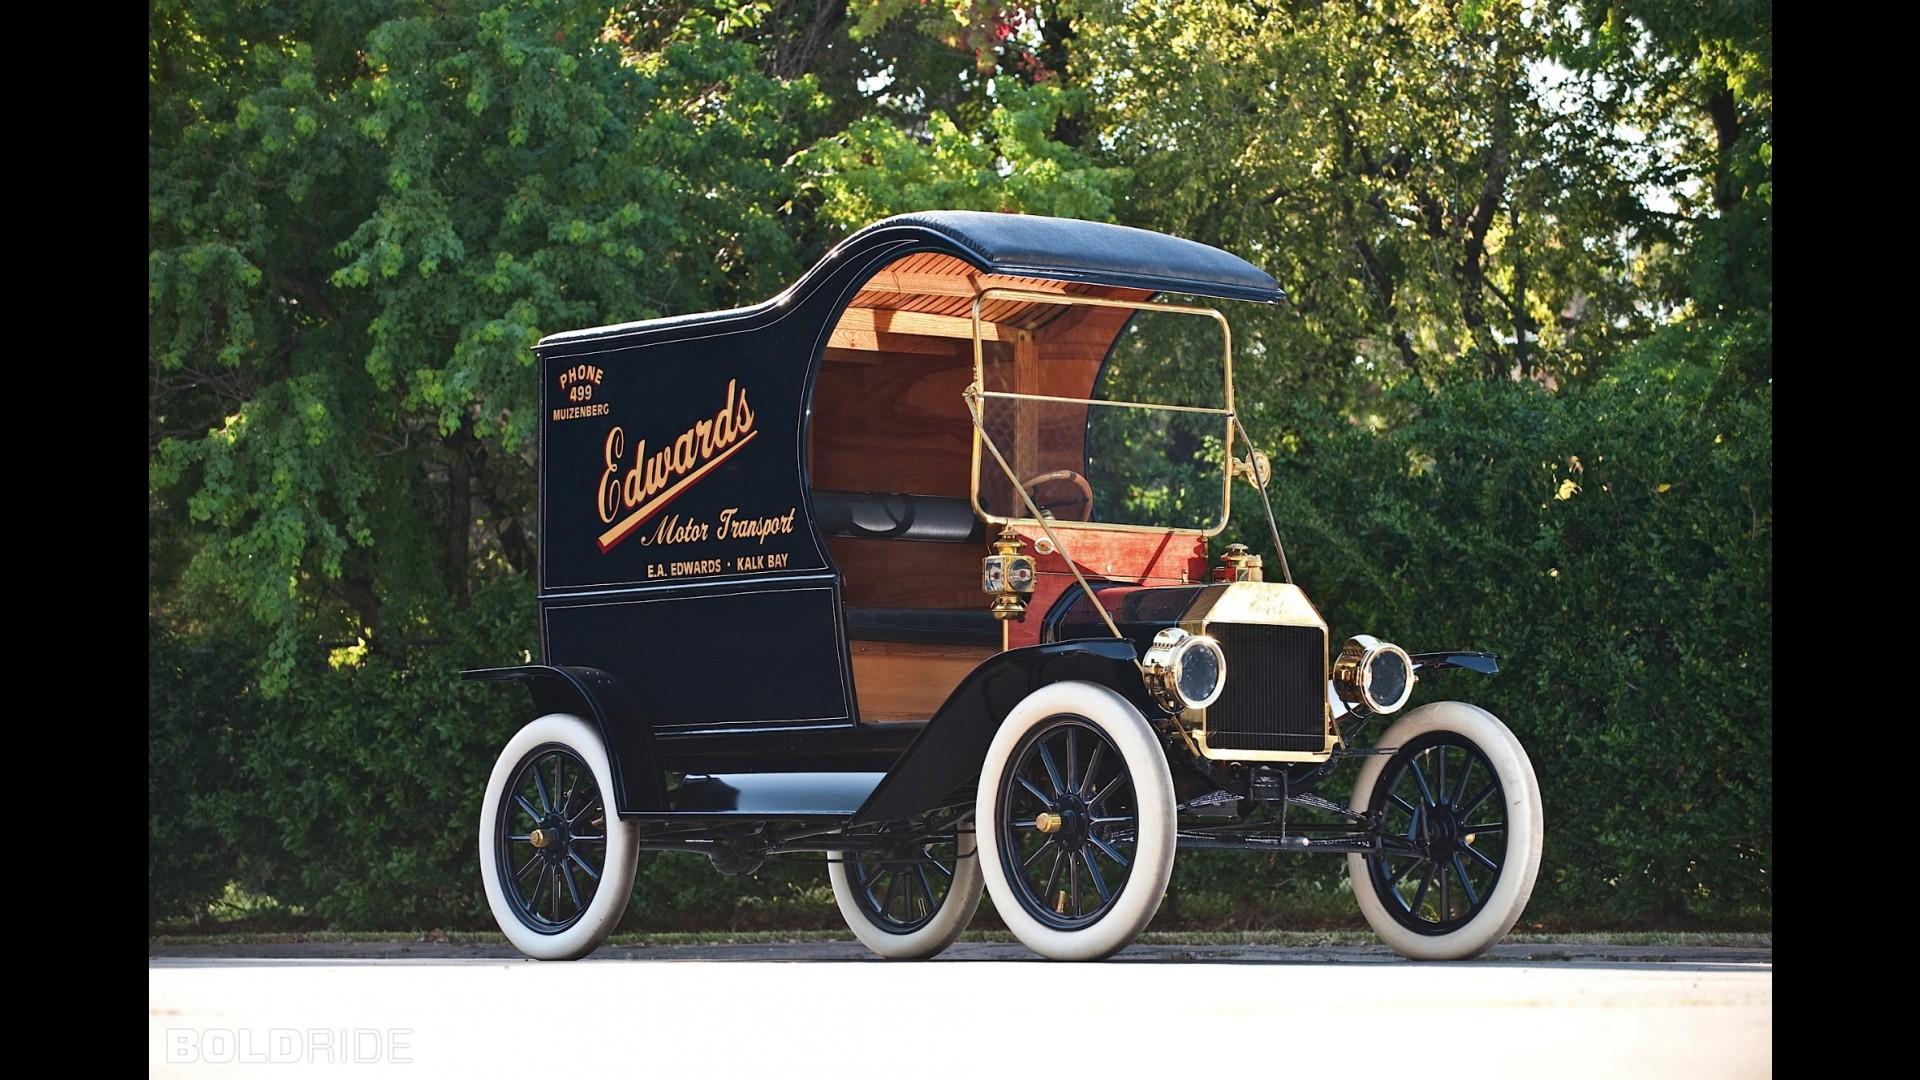 ford model t c cab delivery car. Black Bedroom Furniture Sets. Home Design Ideas